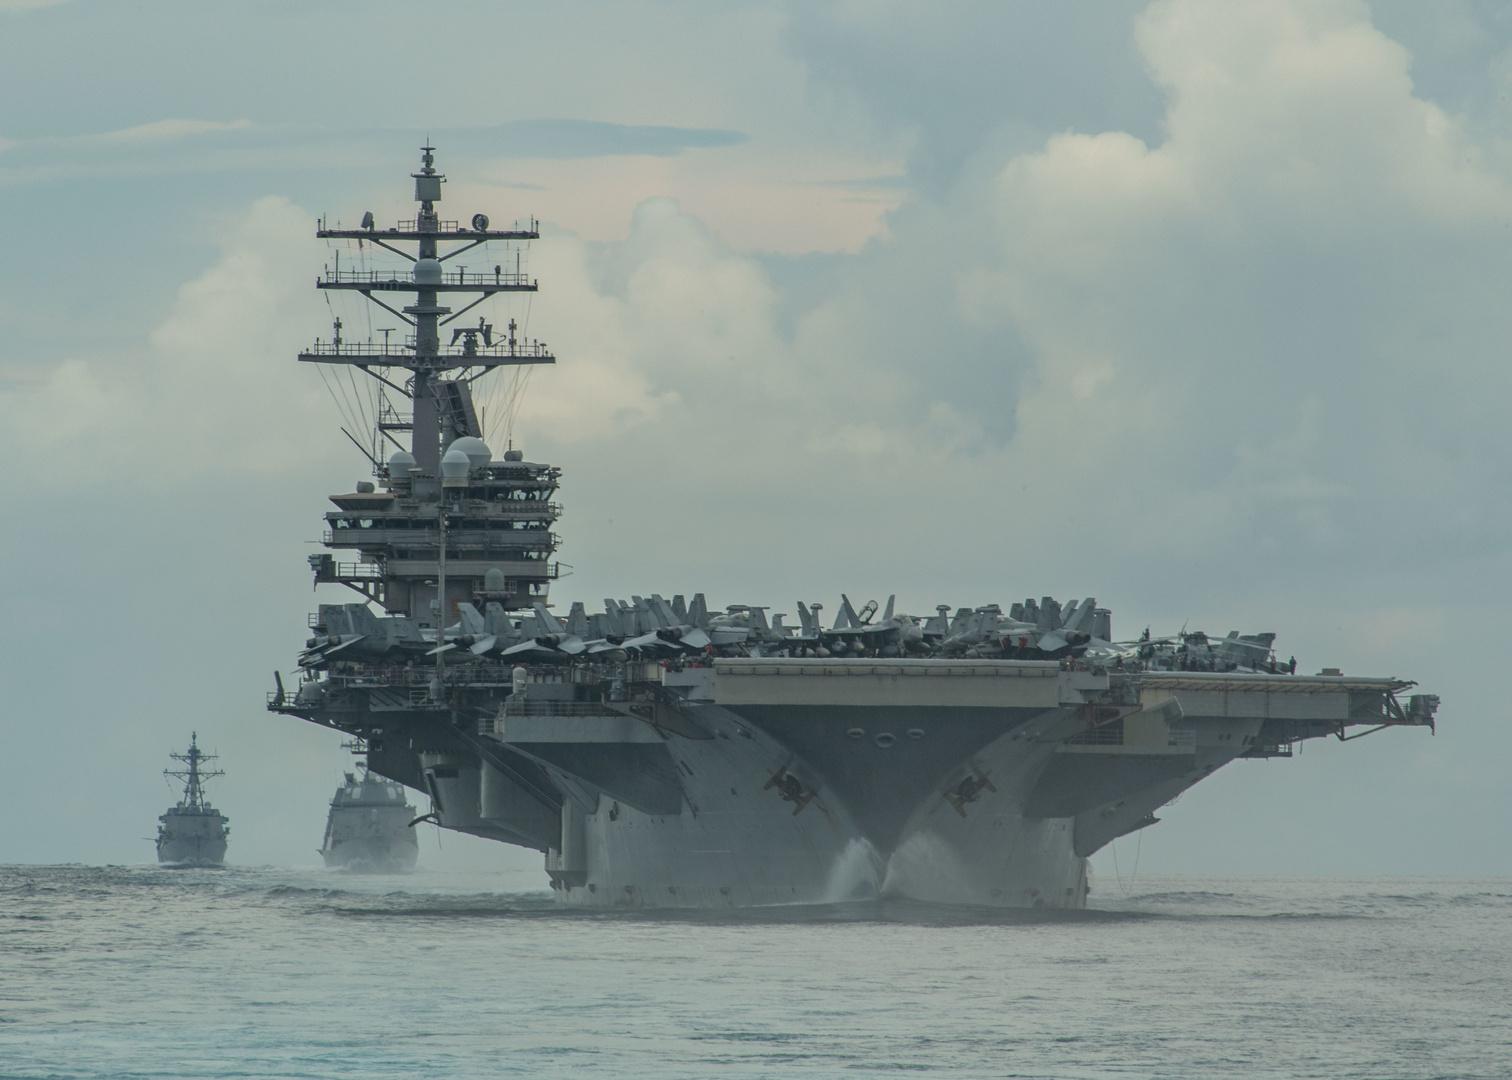 حاملة الطائرات نيميتز الدرجة USS رونالد ريغان،